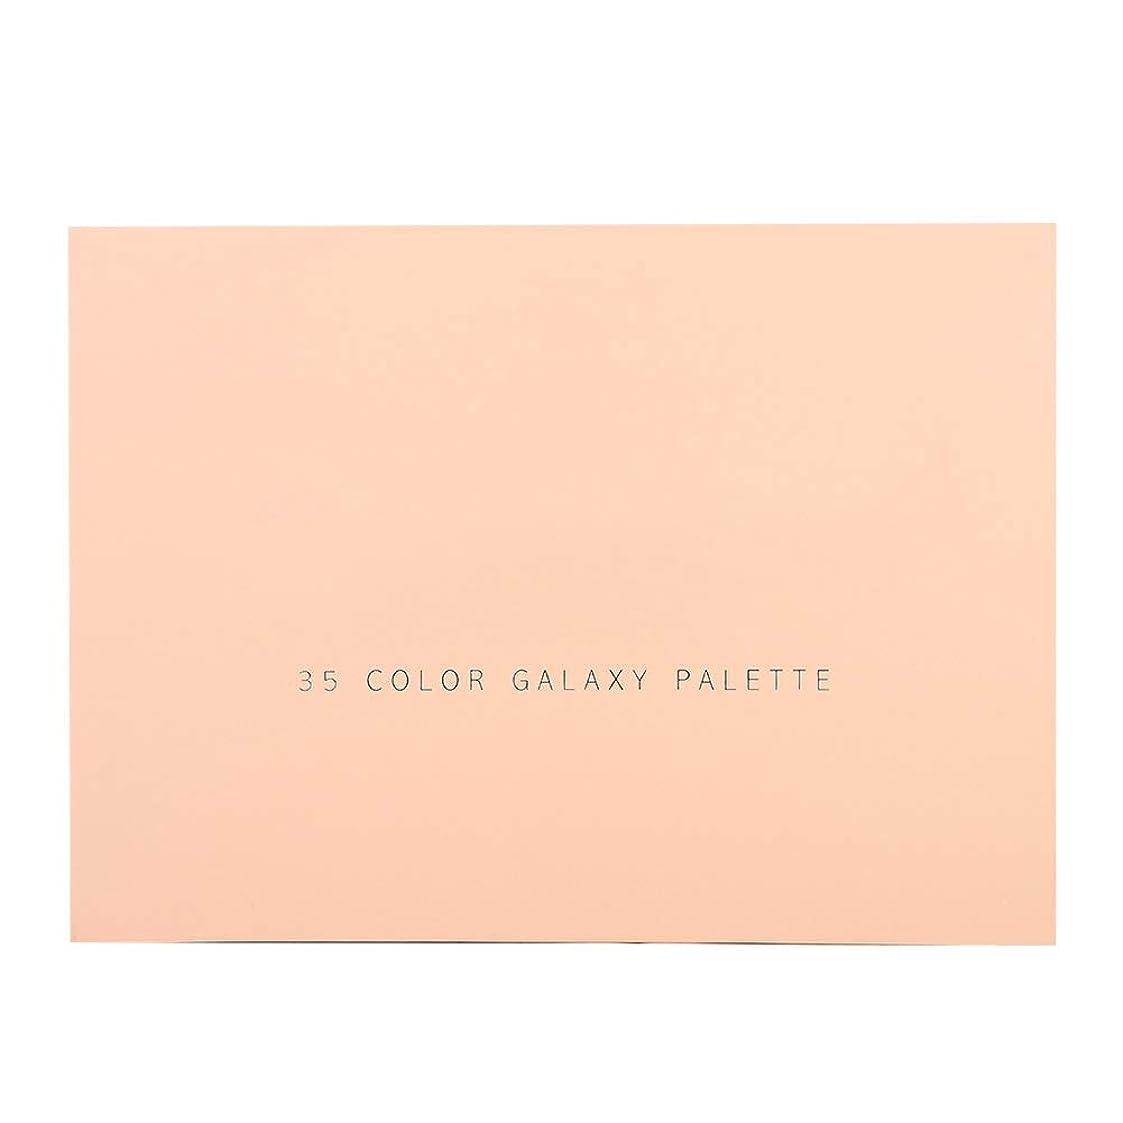 カスケード後悔噴水35色キラキラマットアイシャドーパレット簡単に適用するアイシャドー化粧品メイクアップパウダー(ピンク)